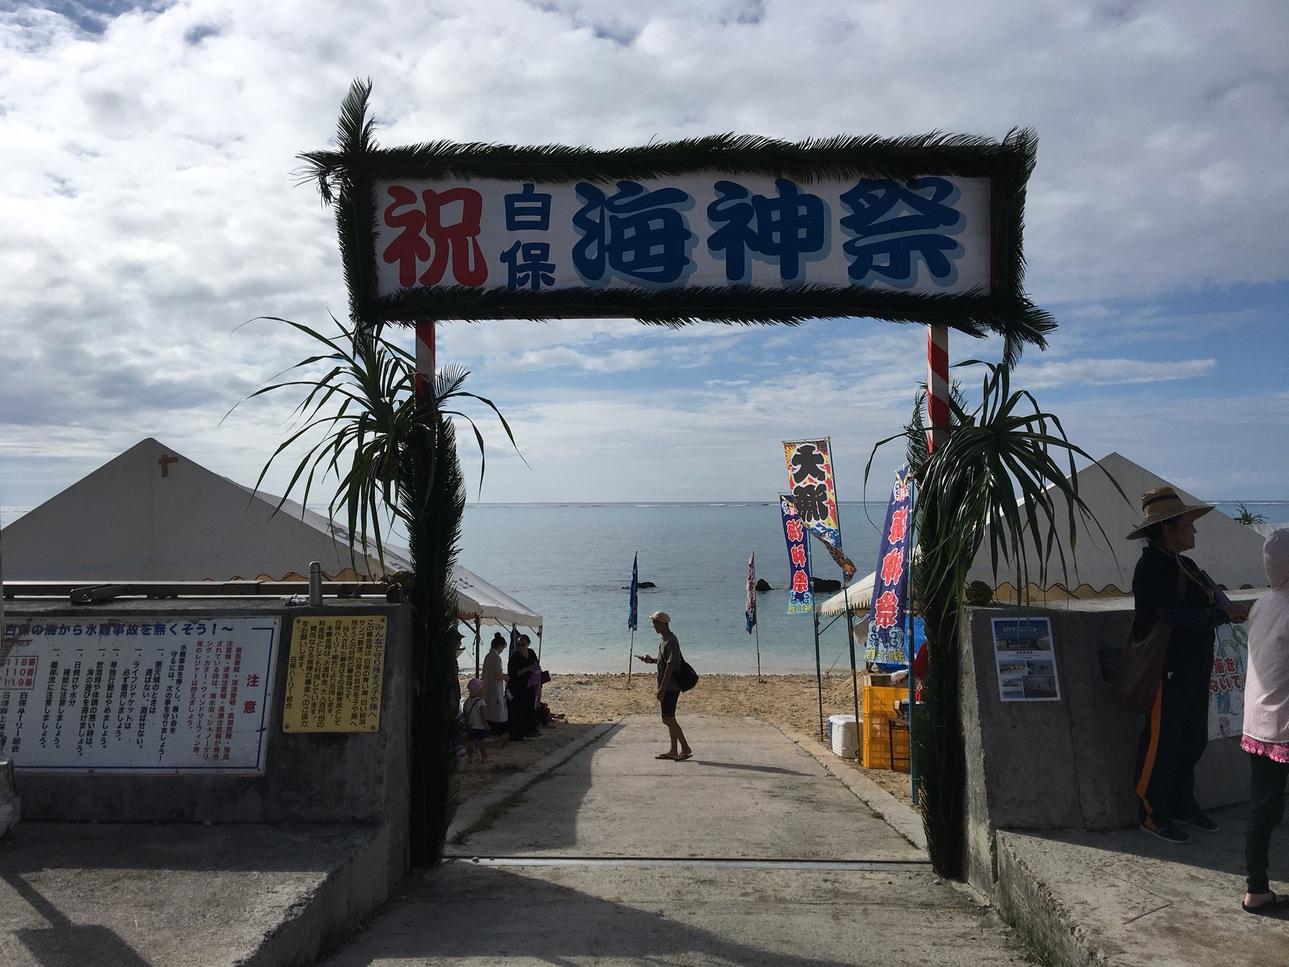 海神祭(旧暦5月4日)